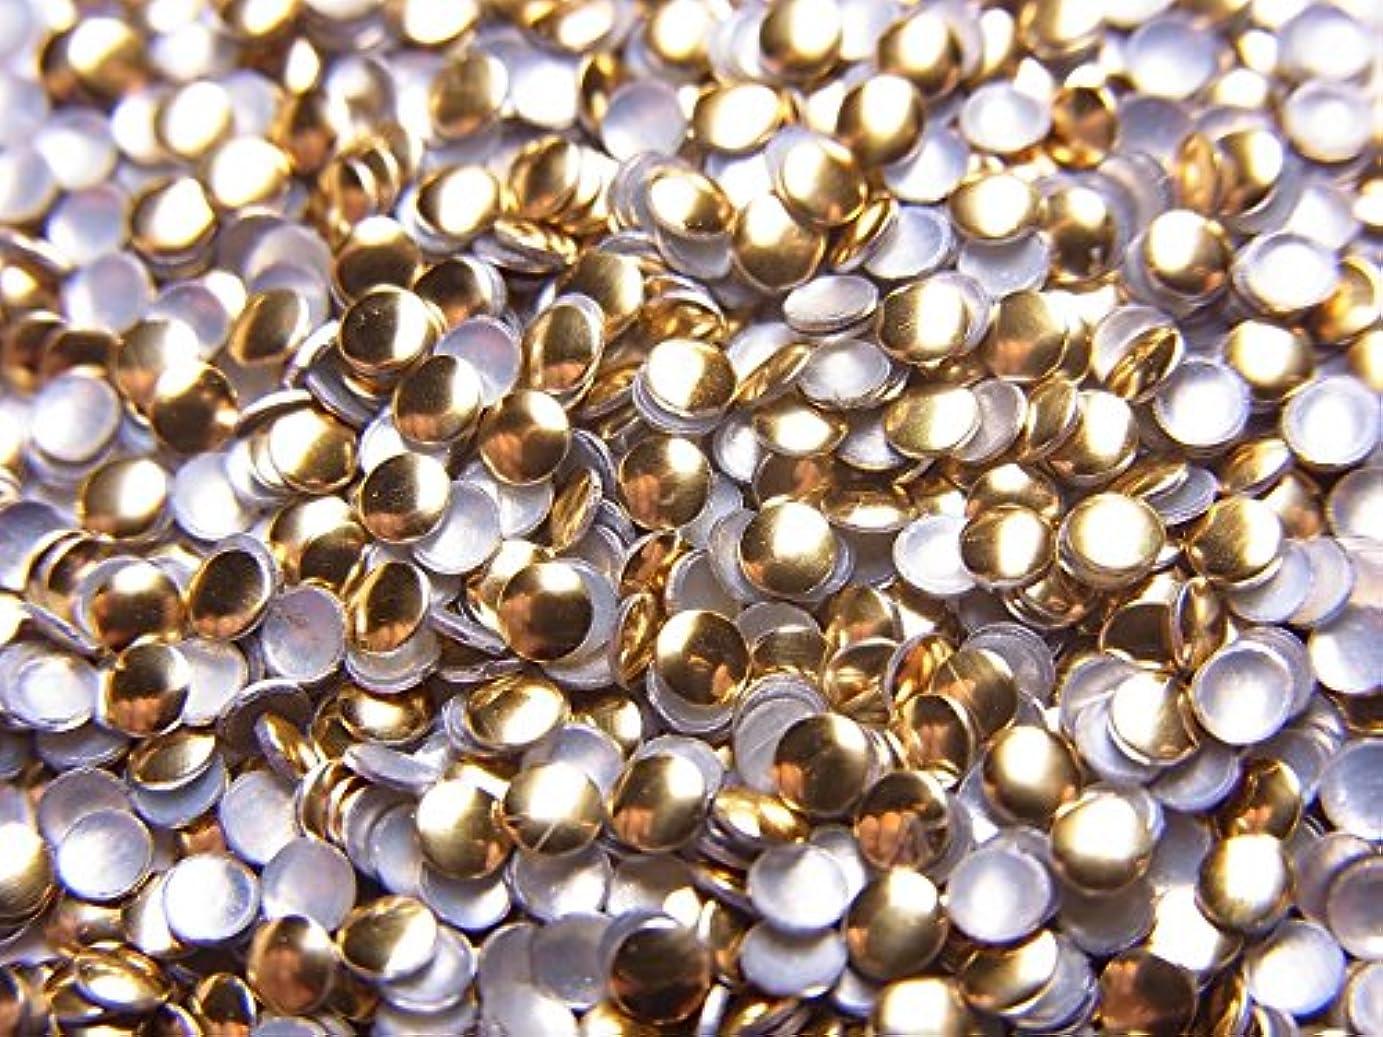 シェードゴミ評議会【jewel】ラウンド型 (丸)メタルスタッズ 2mm ゴールド 約100粒入り